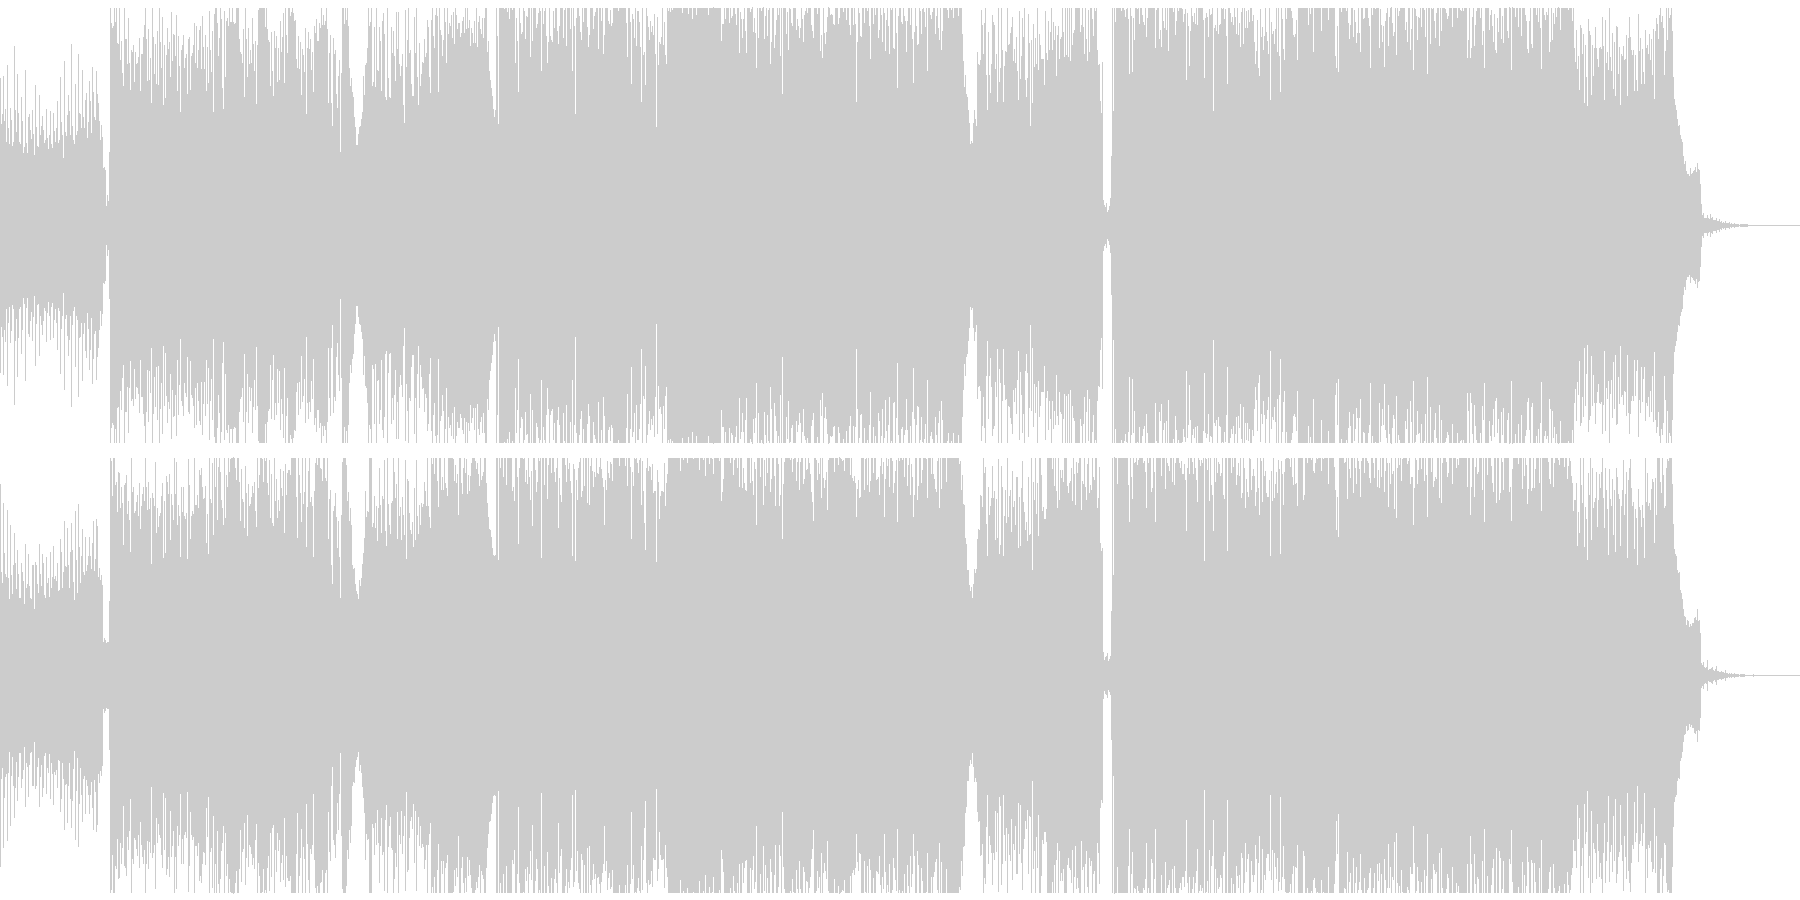 ノリノリのEDM、クラブミュージックの未再生の波形